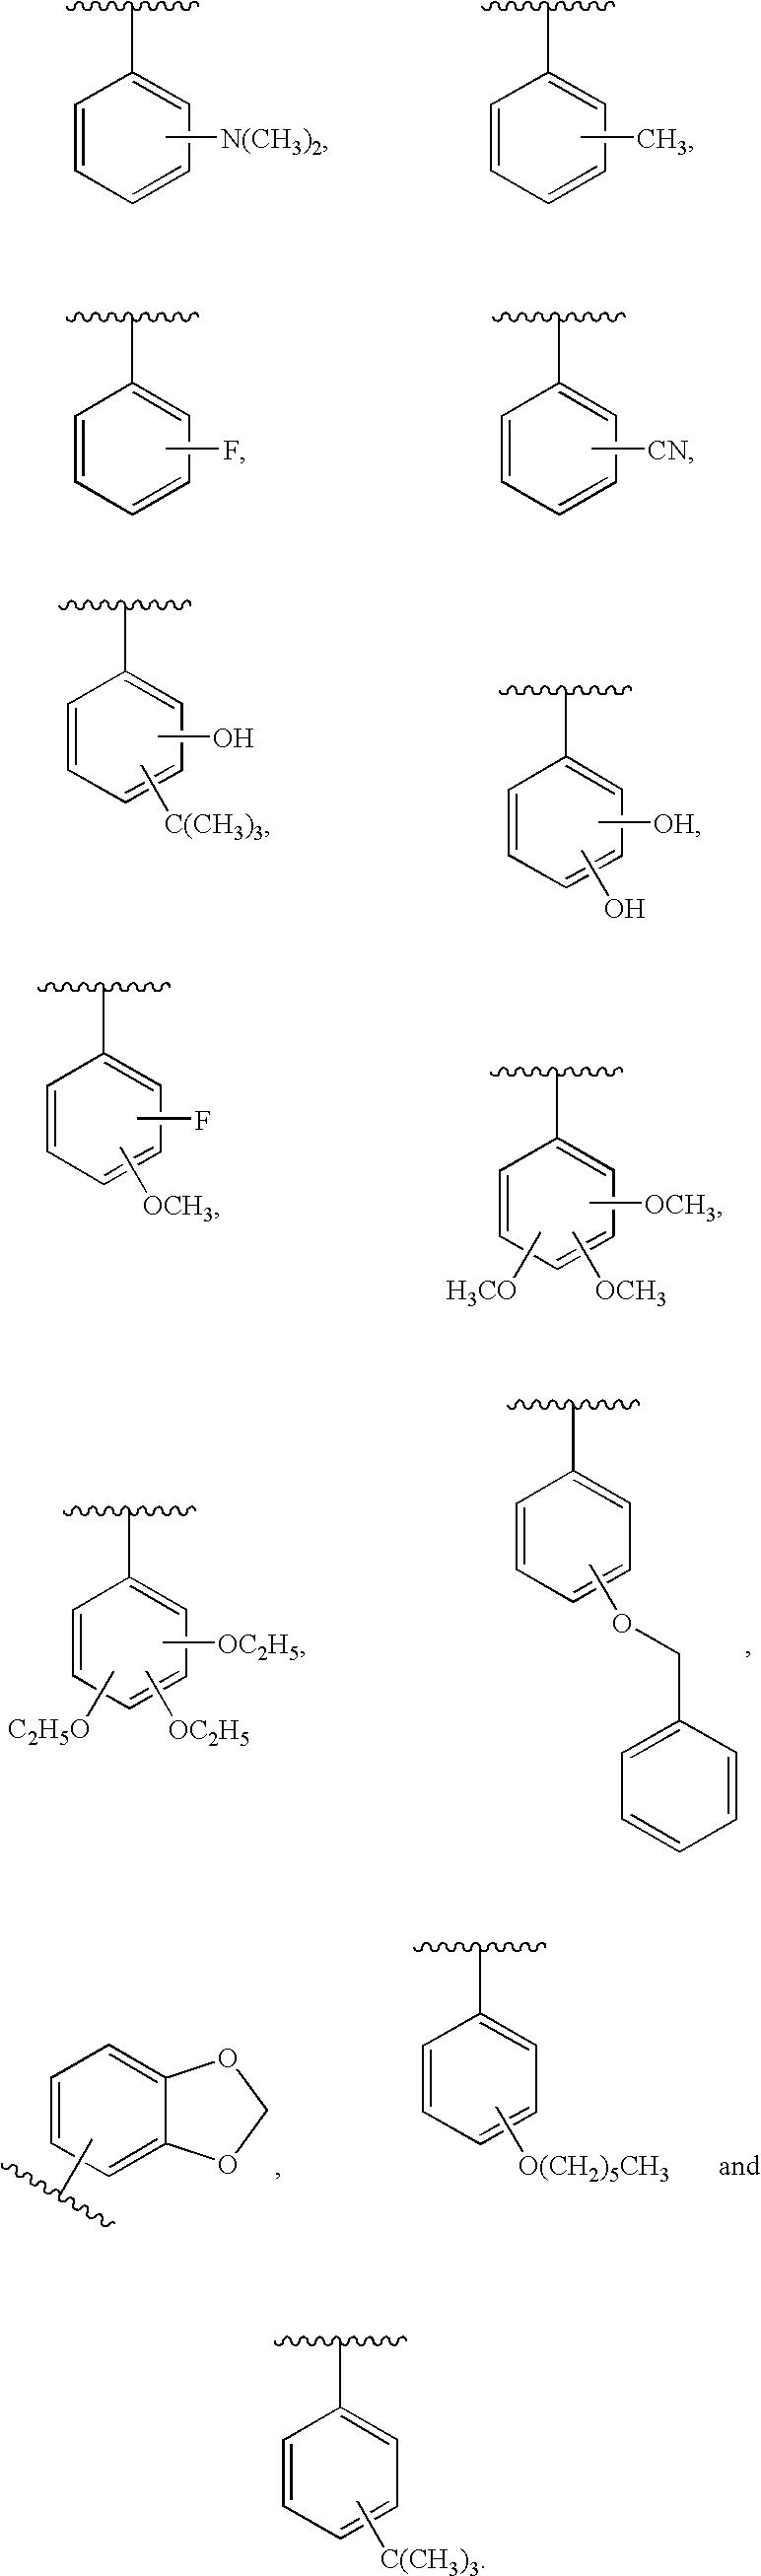 Figure US07176225-20070213-C00009